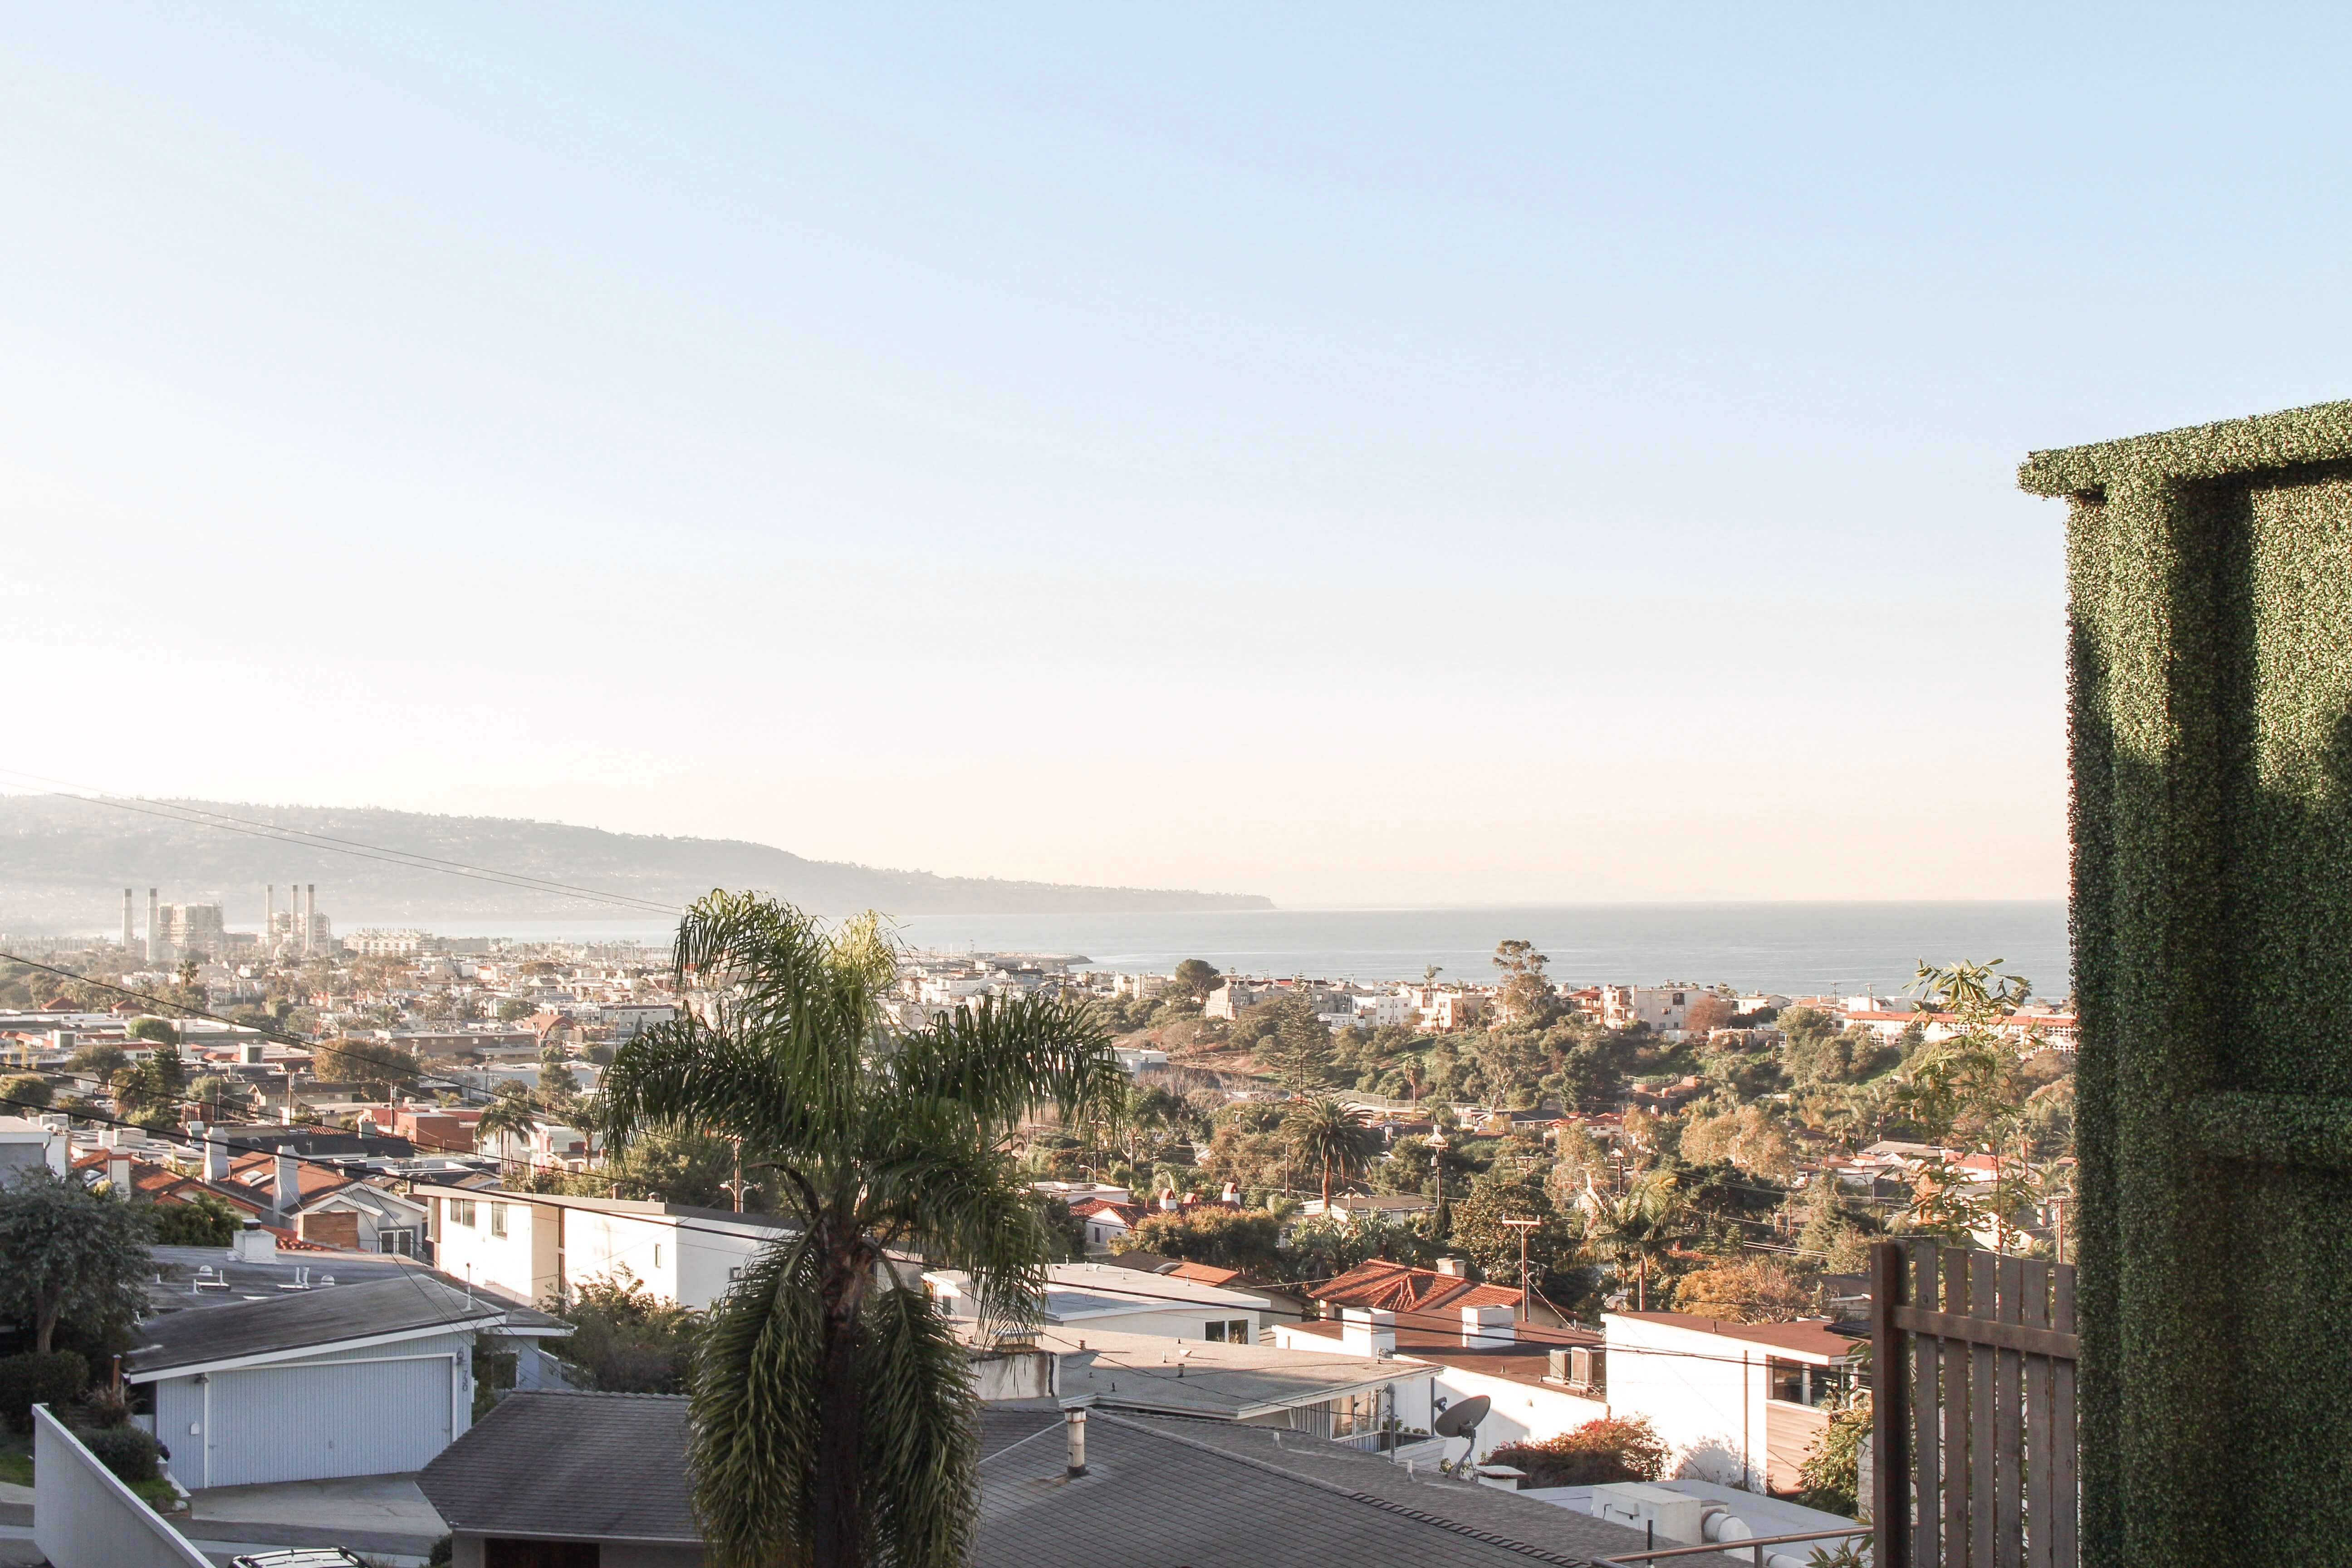 hotel hermosa view of Hermosa Beach Pier